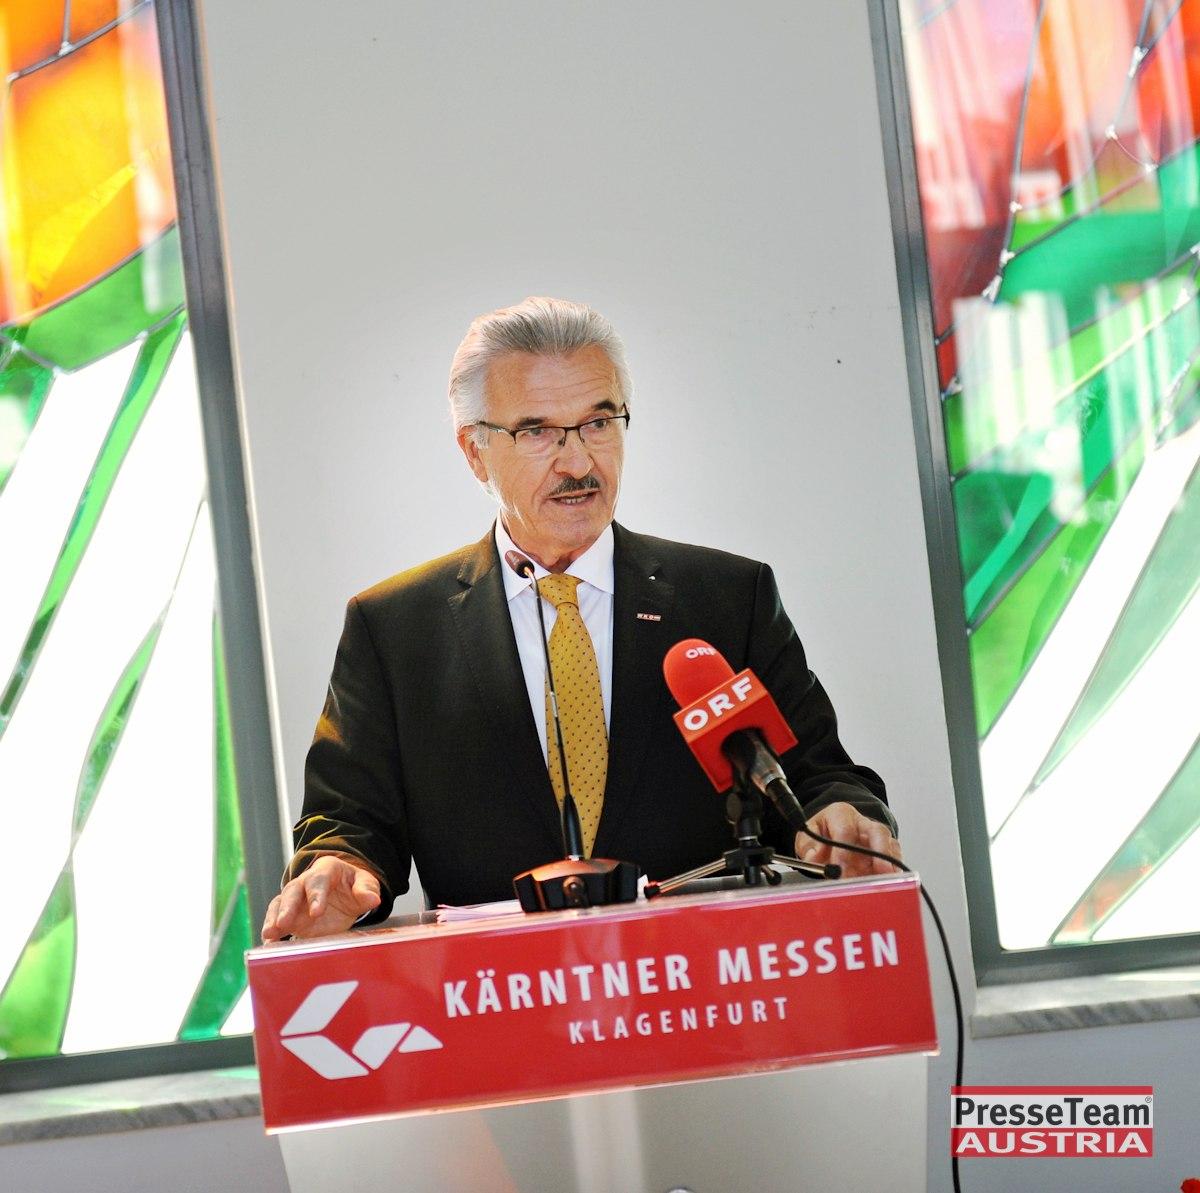 GAST Messe Klagenfurt DSC 4153 - Impressionen auf der GAST in Klagenfurt